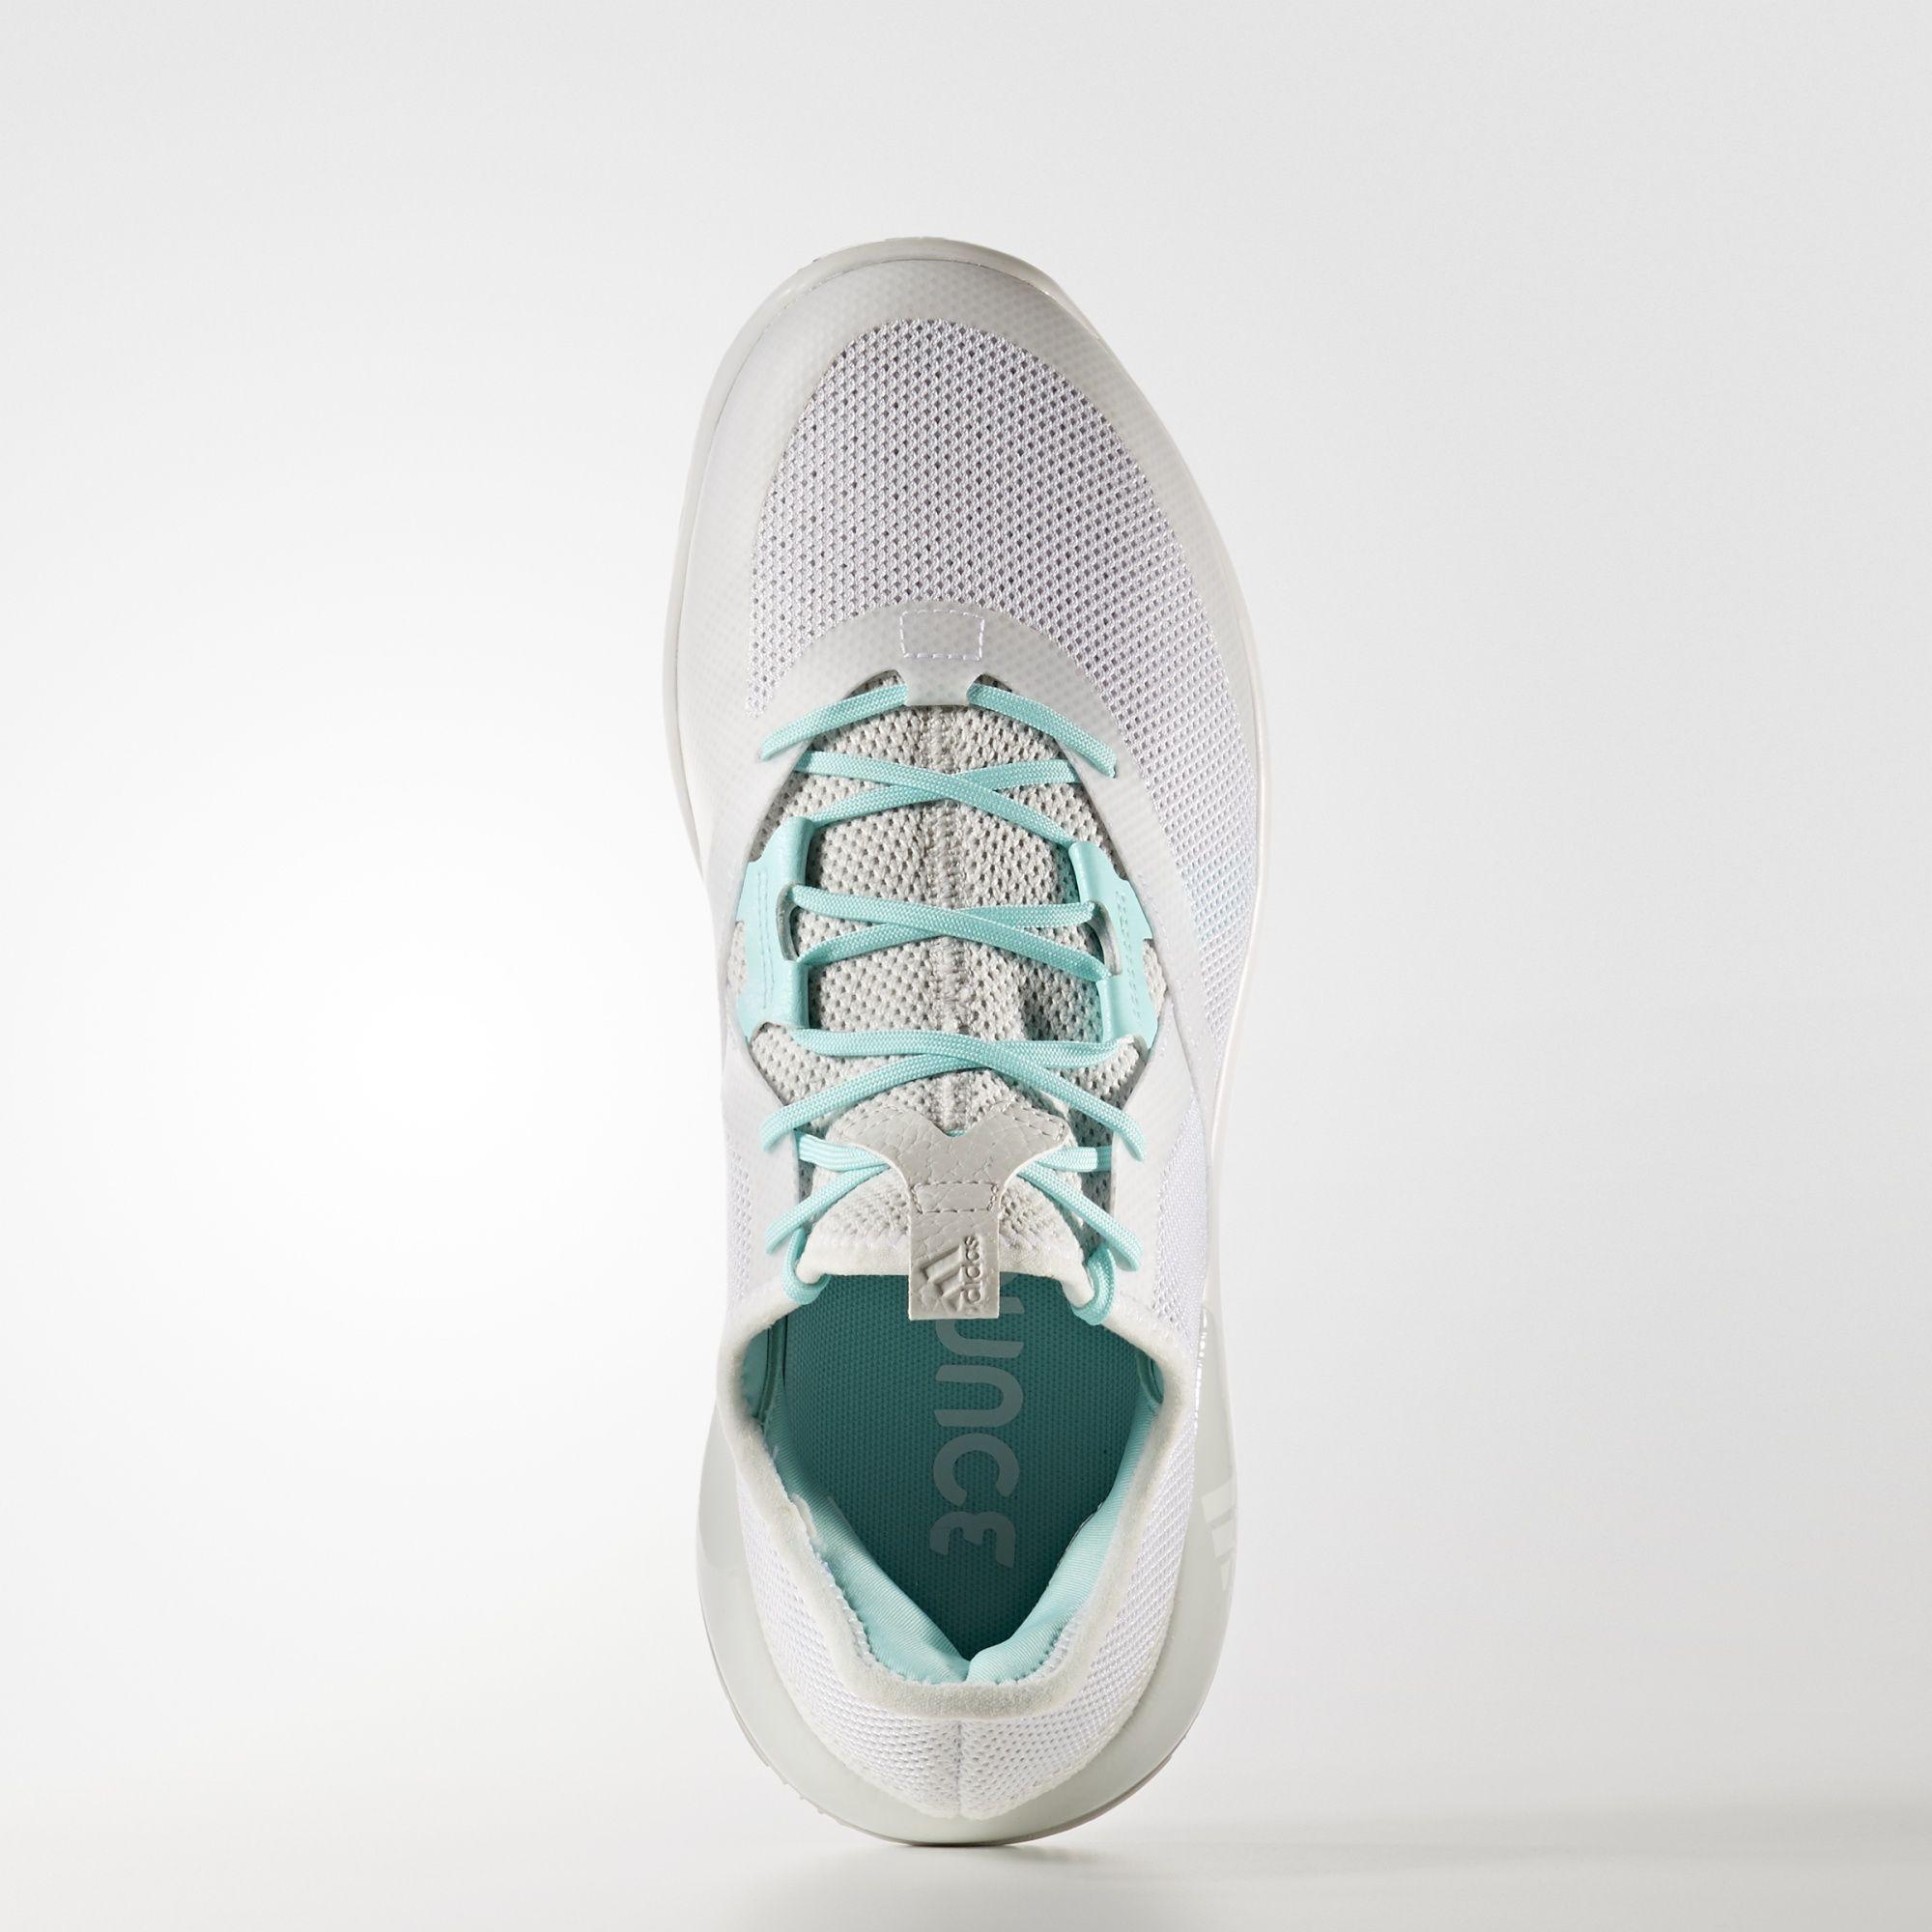 Épinglé par bache melvin sur Détail shoes   Chaussure